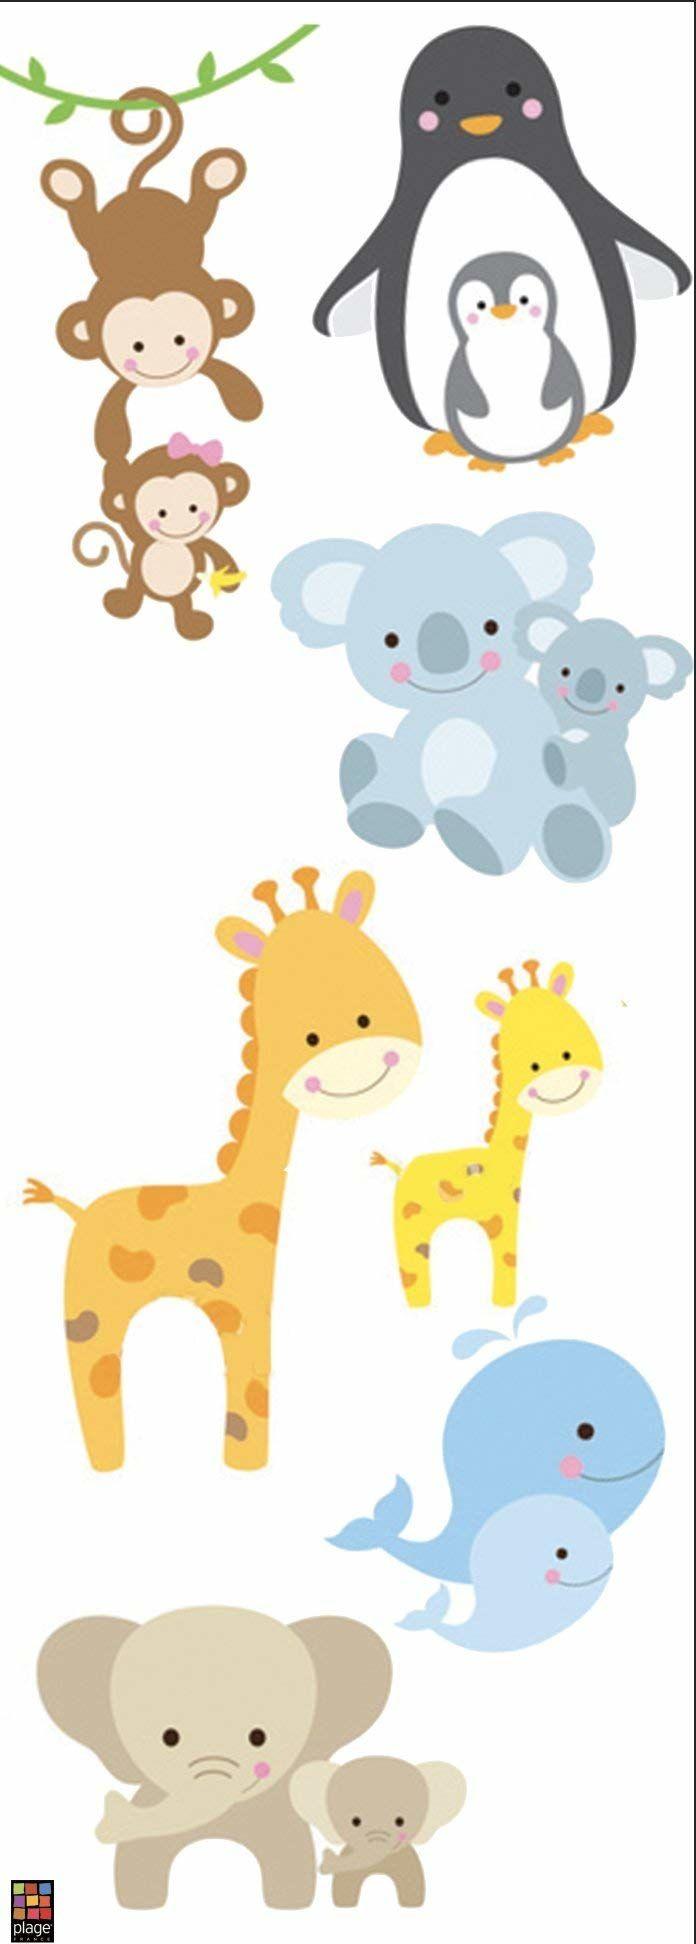 PLAGE dekoracyjna naklejka na ścianę małe zwierzęta - dzieci 24 x 68 cm, winyl, kolorowa, 68 x 0,1 x 24 cm